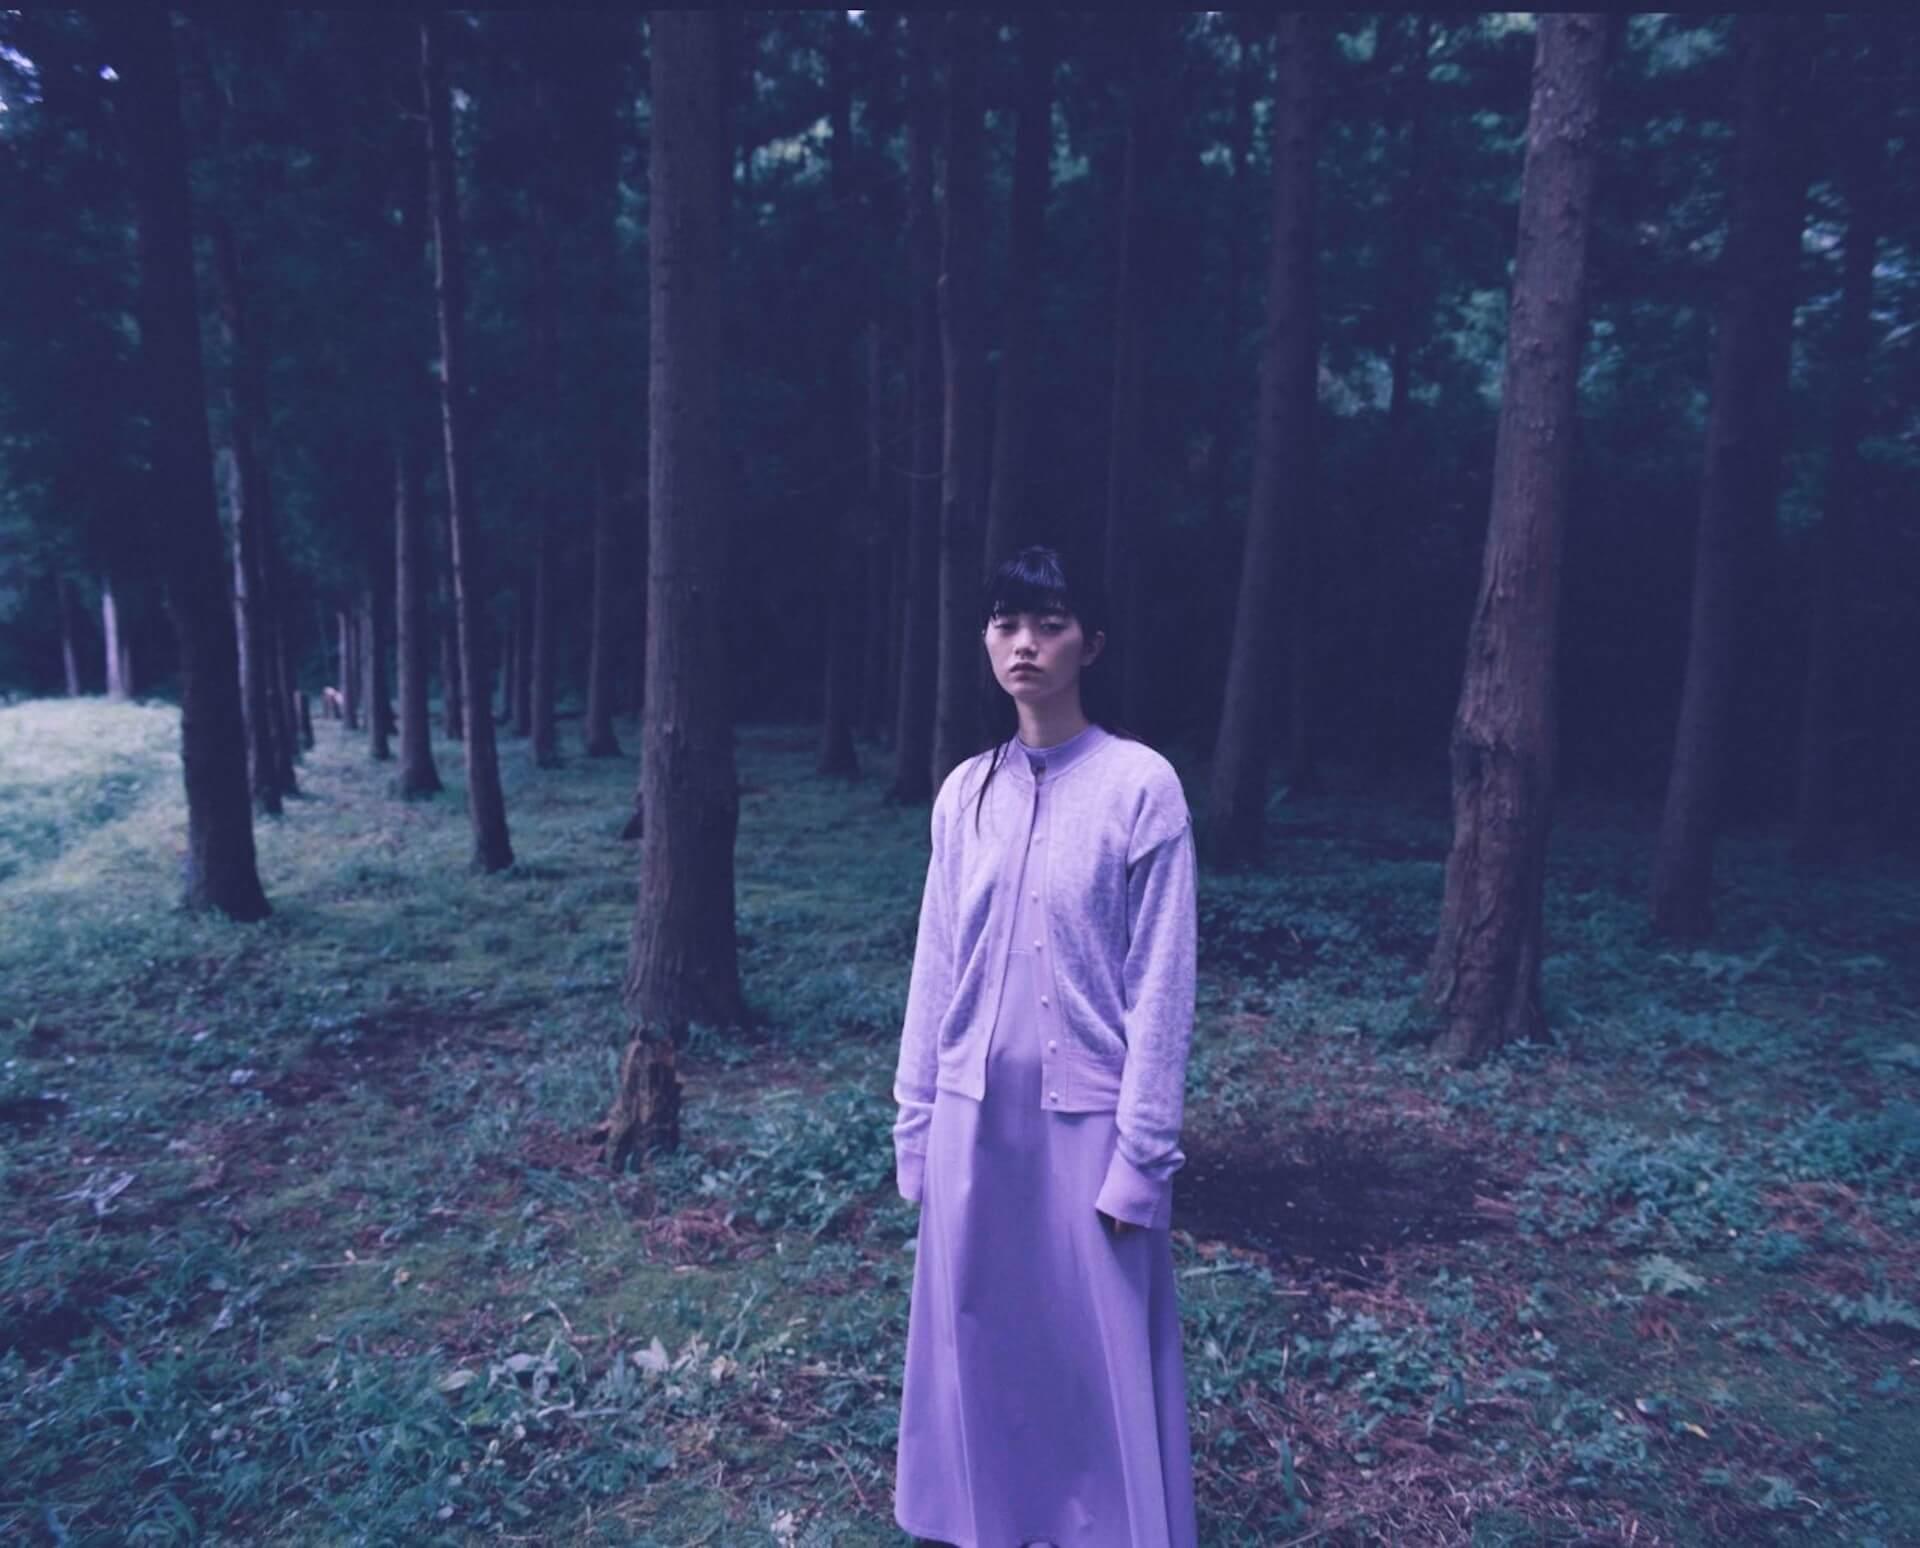 マメ クロゴウチのプロジェクトが伊勢丹で始動!2021年FWシーズンのポップアップイベントを開催 fashion_210721_mamekurogouchi2